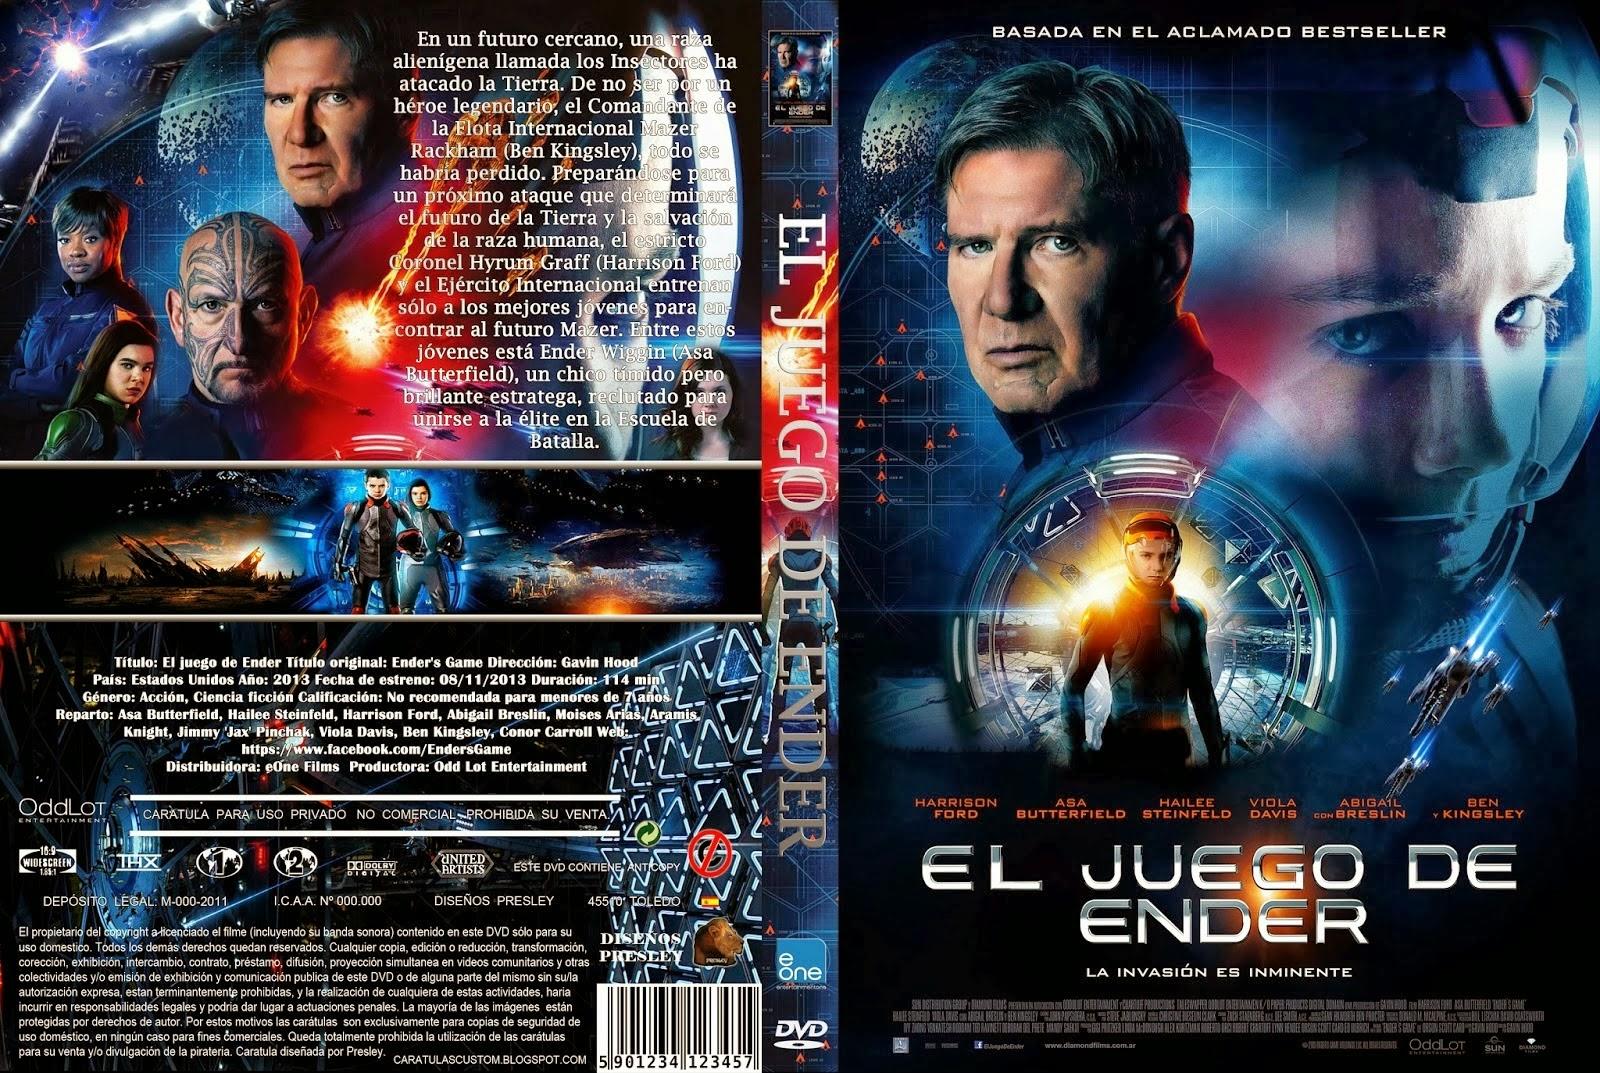 El Juego De Ender DVD